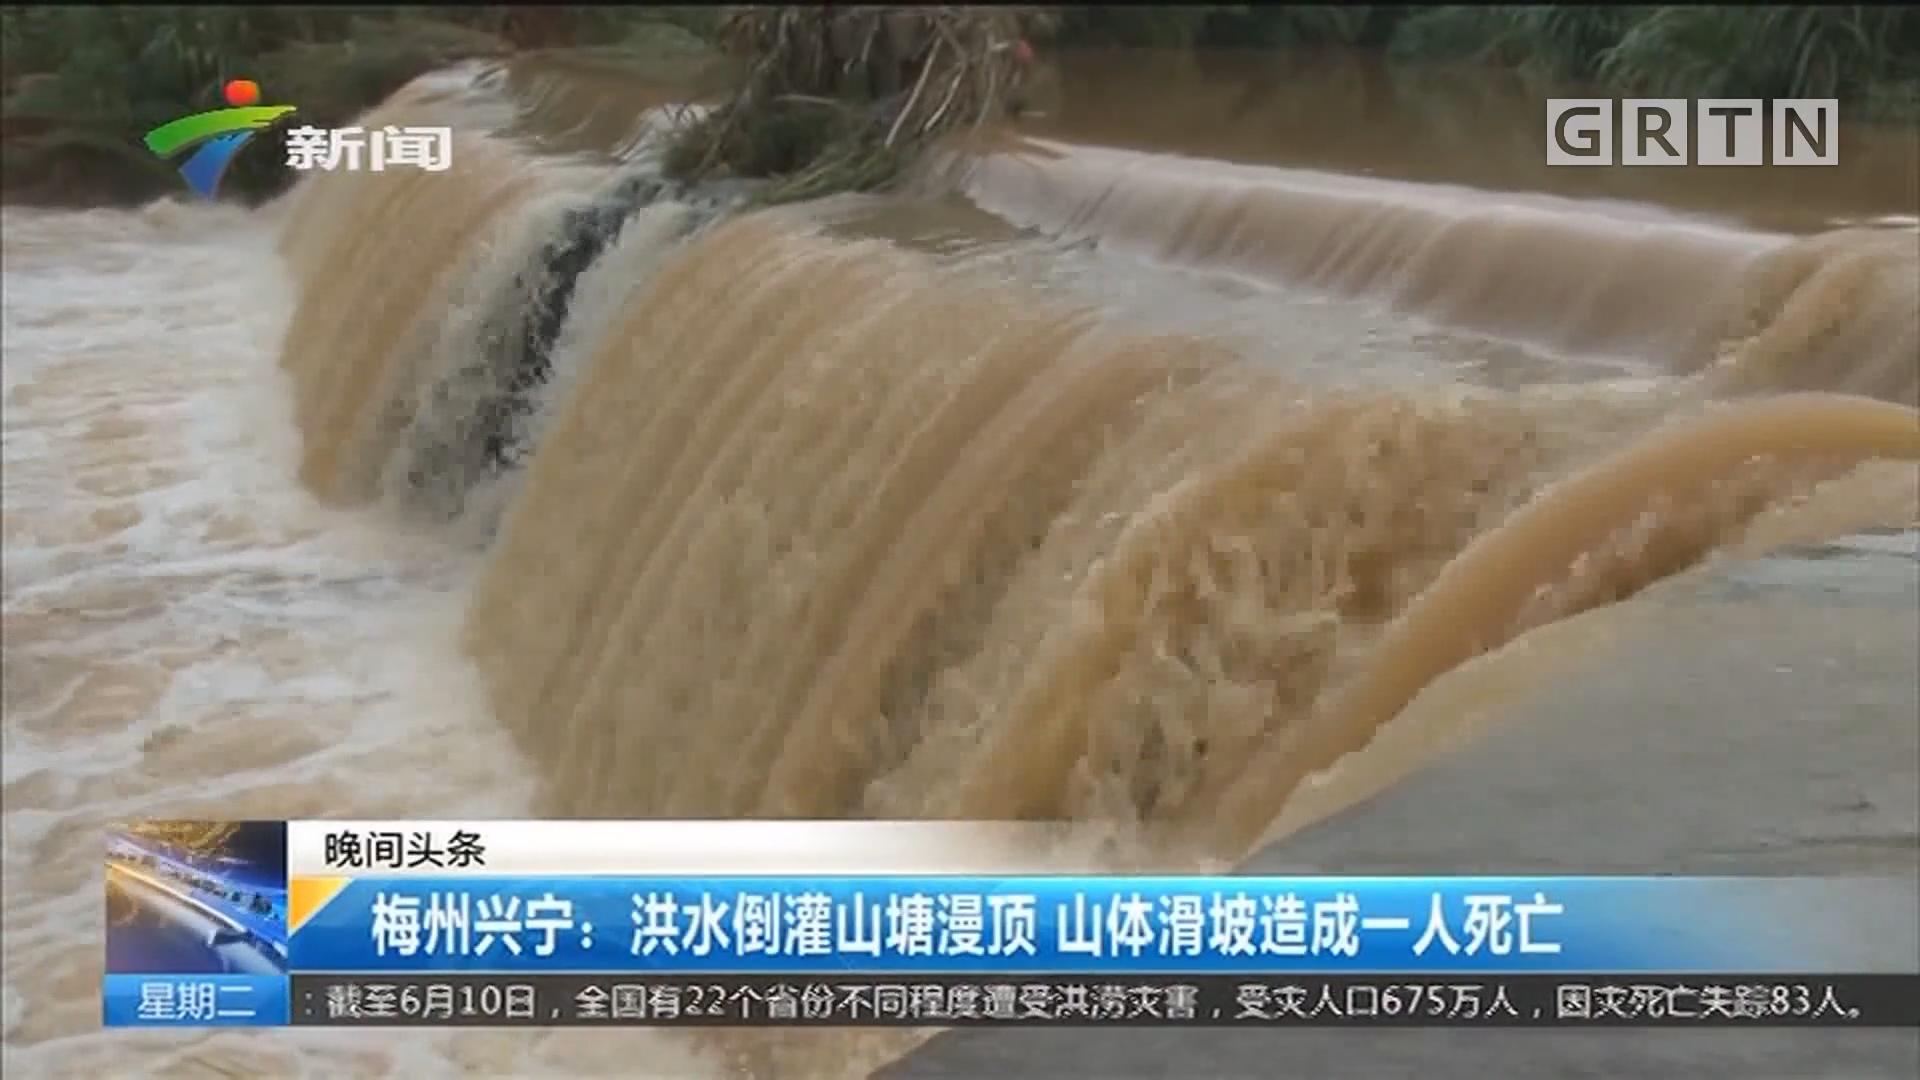 梅州兴宁:洪水倒灌山塘漫顶 山体滑坡造成一人死亡